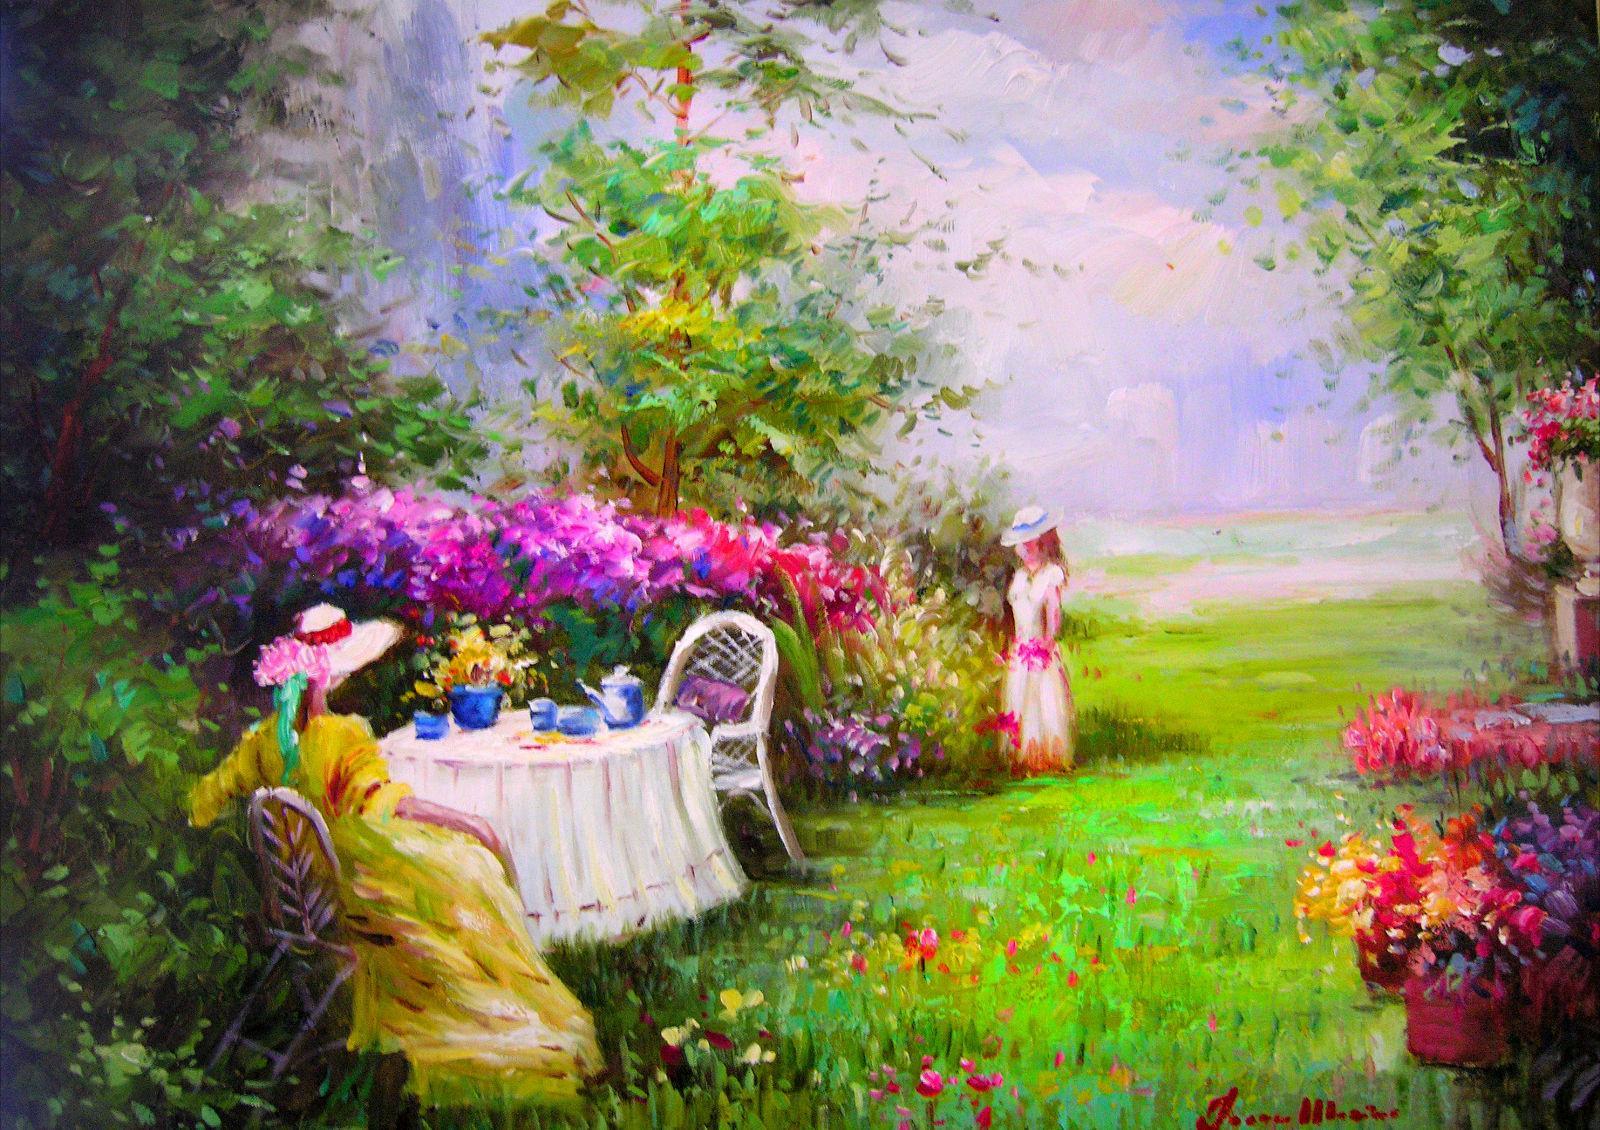 Garden Summer Houses Cheap: Summer Garden Wallpaper 23 Designs